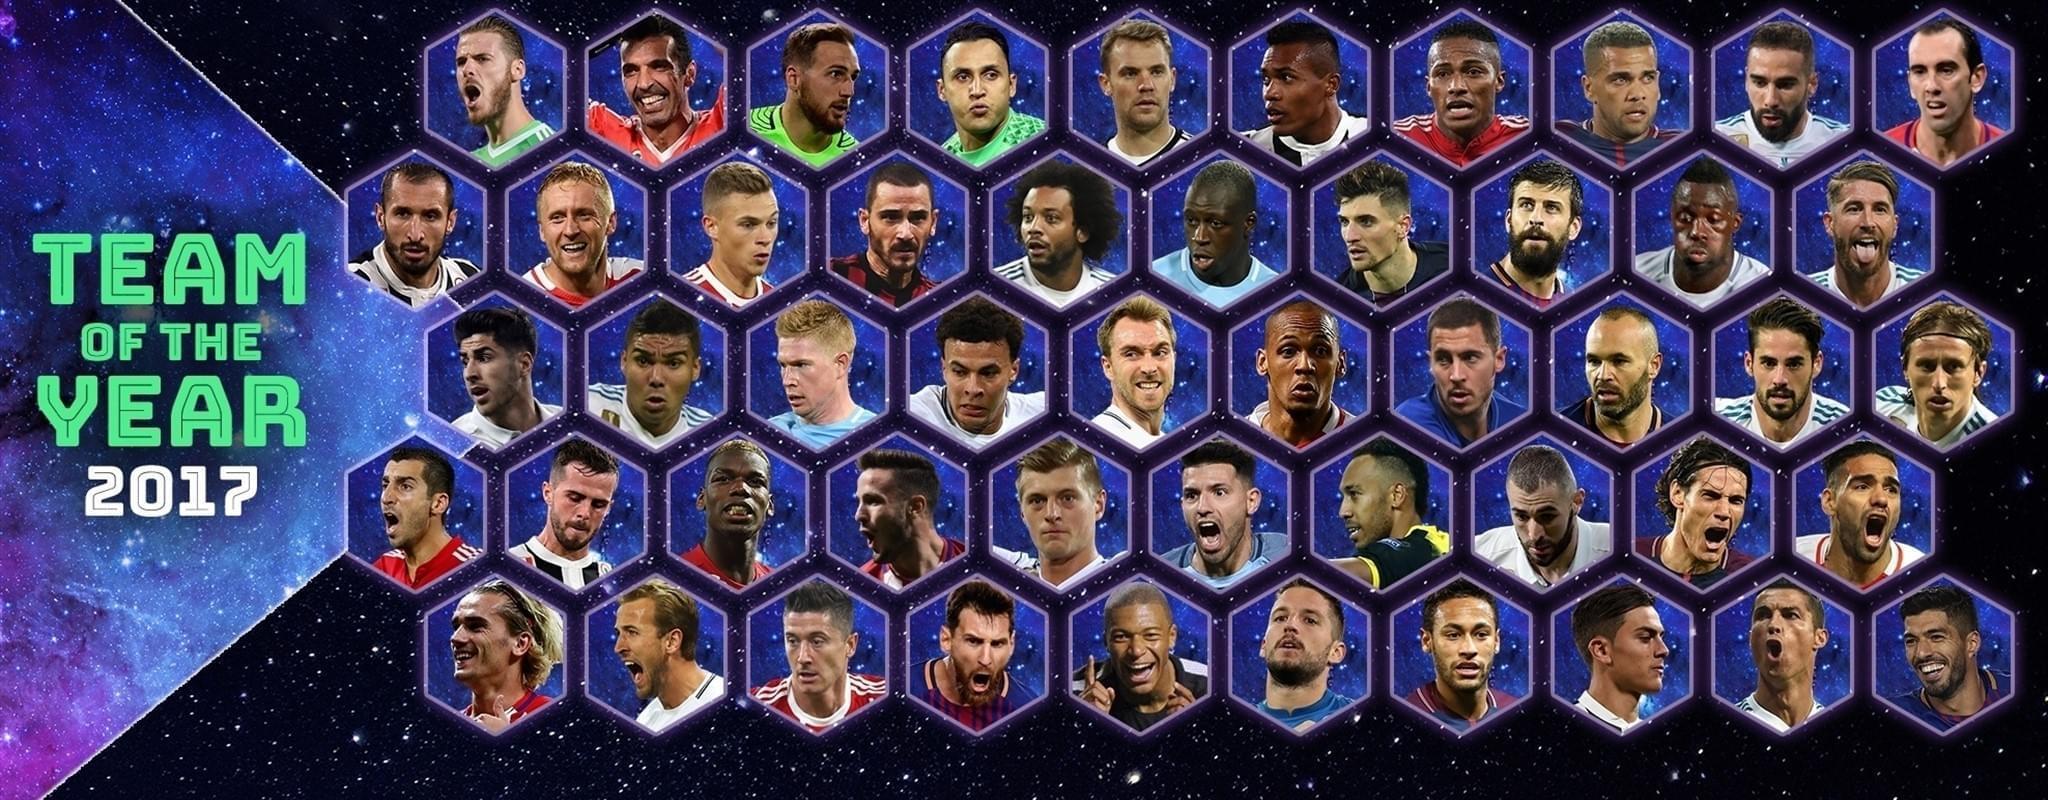 欧足联最佳阵容50人大名单:梅罗领衔 皇马11人入围